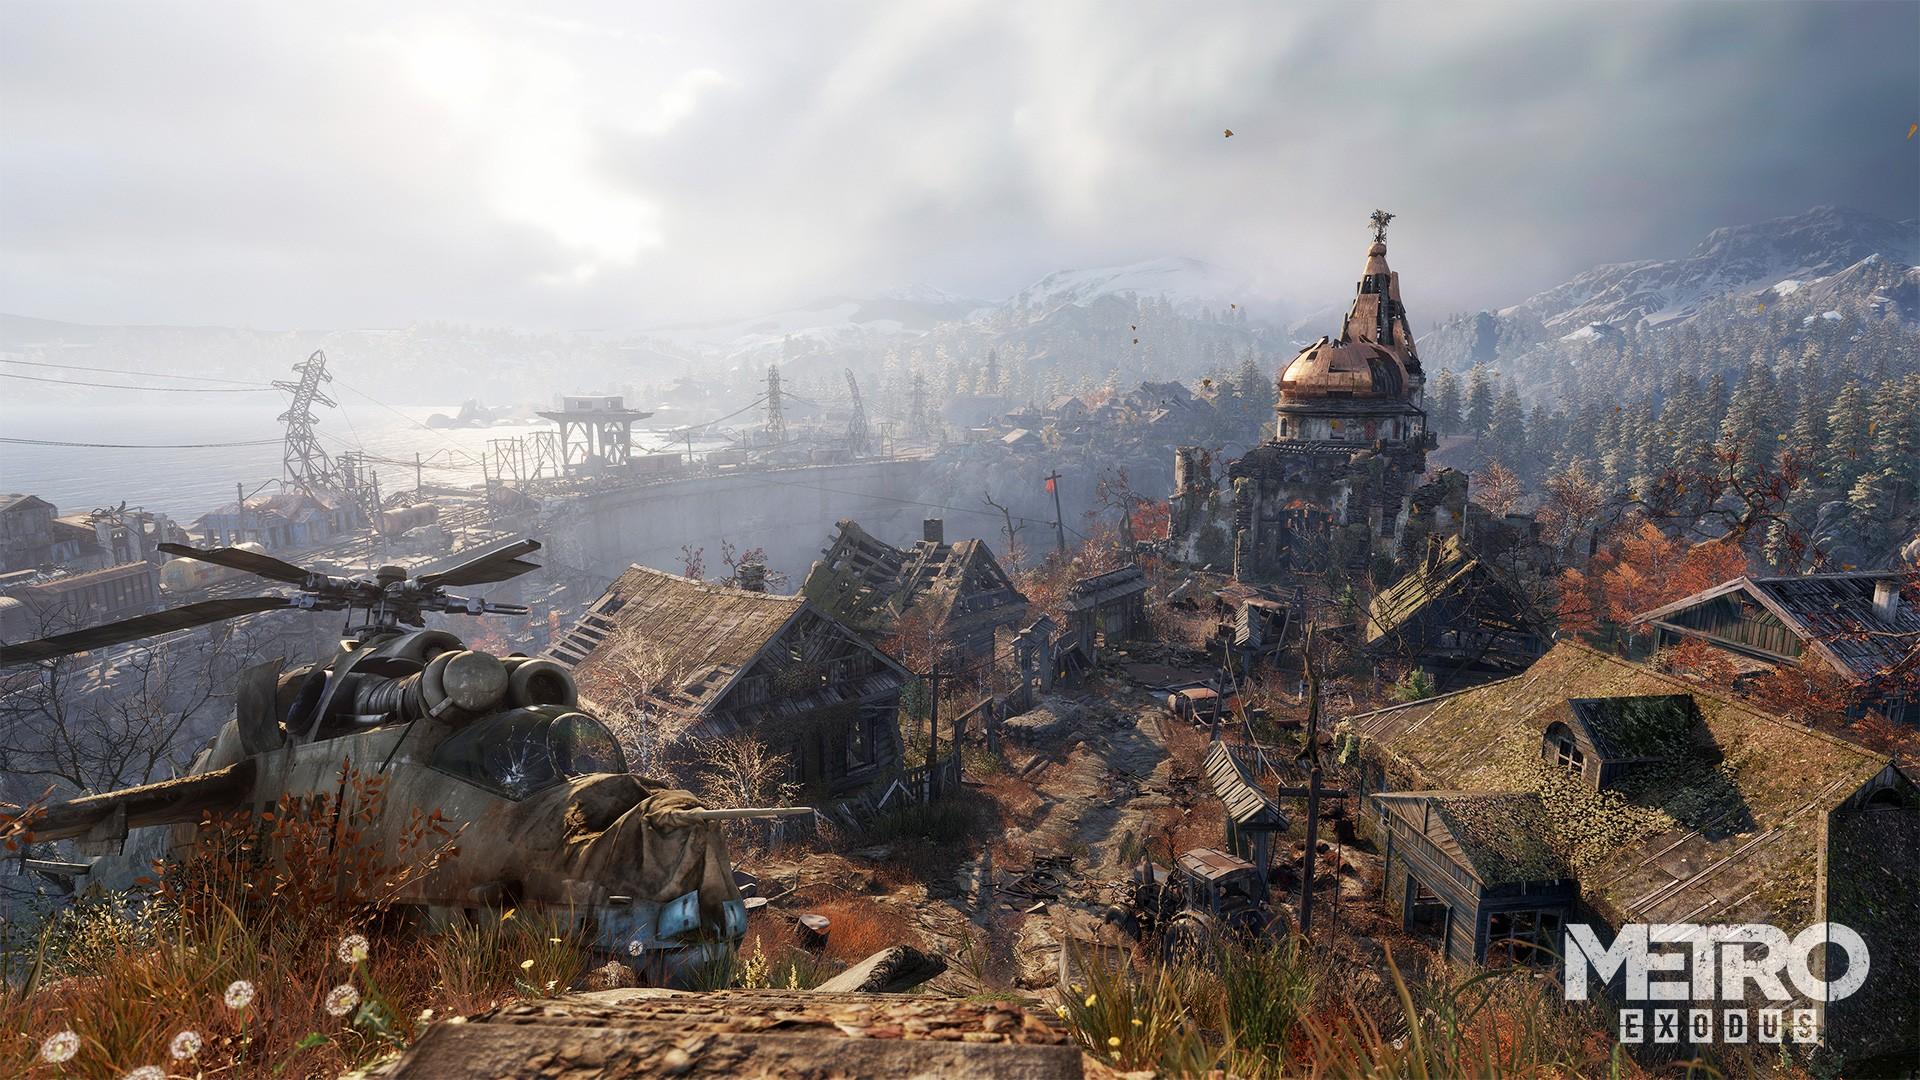 Первые детали «Метро: Исход» (Metro Exodus): сюжет, выбор, геймплей и PS4-версия